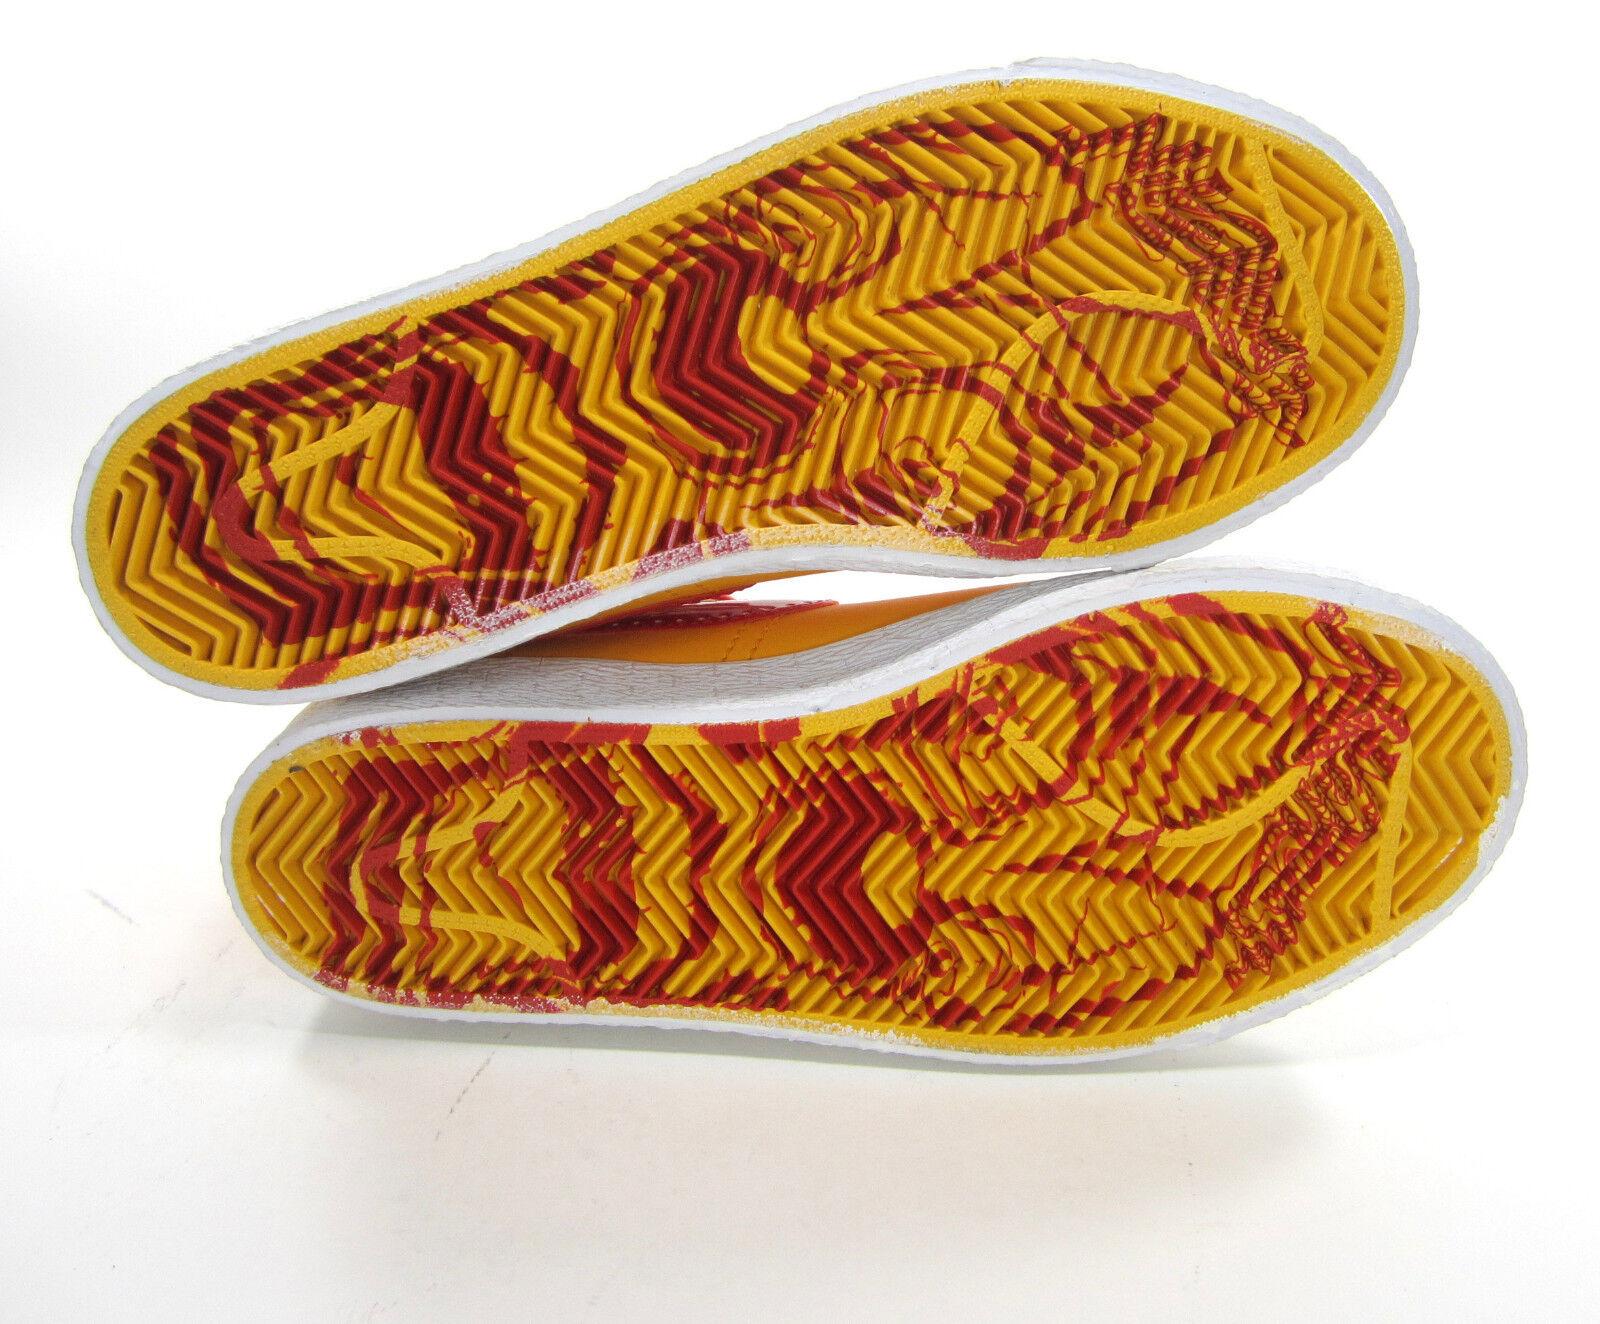 Nike Schuhe Blazer Mid Premium Taxi / Rot Herren / Solar Orange Sneakers Herren Rot 4.5 wo 08f7b9